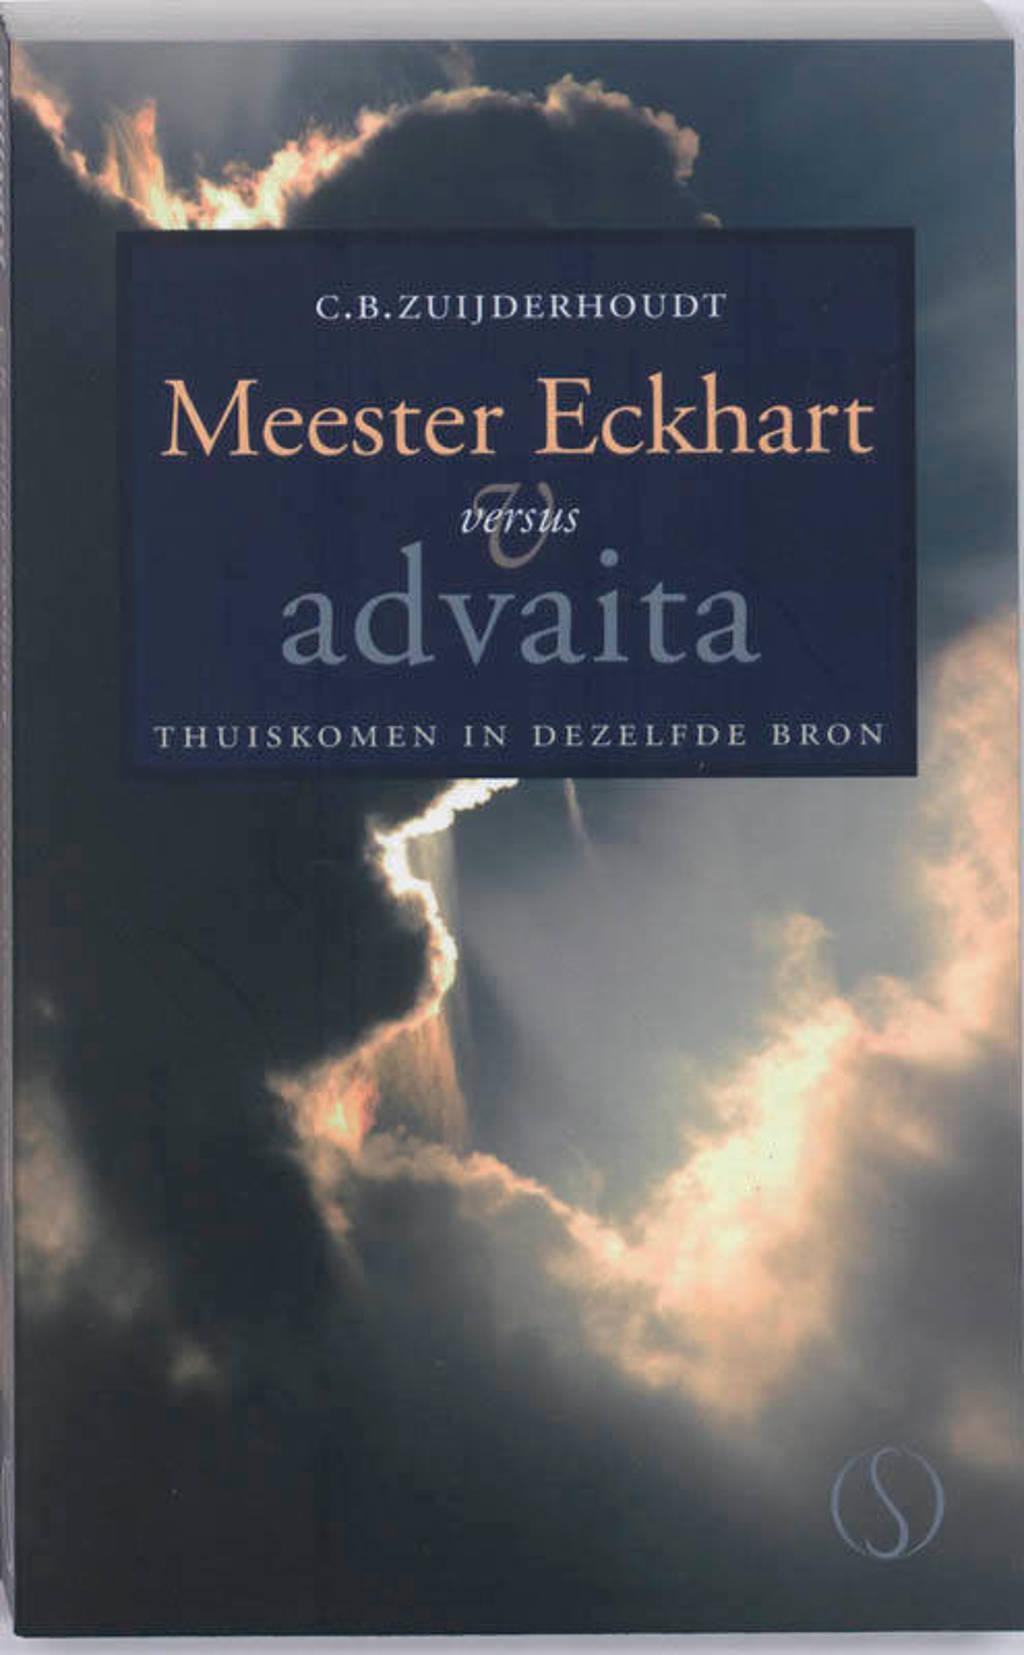 Meester Eckhart versus advaita - C. Zuijderhoudt